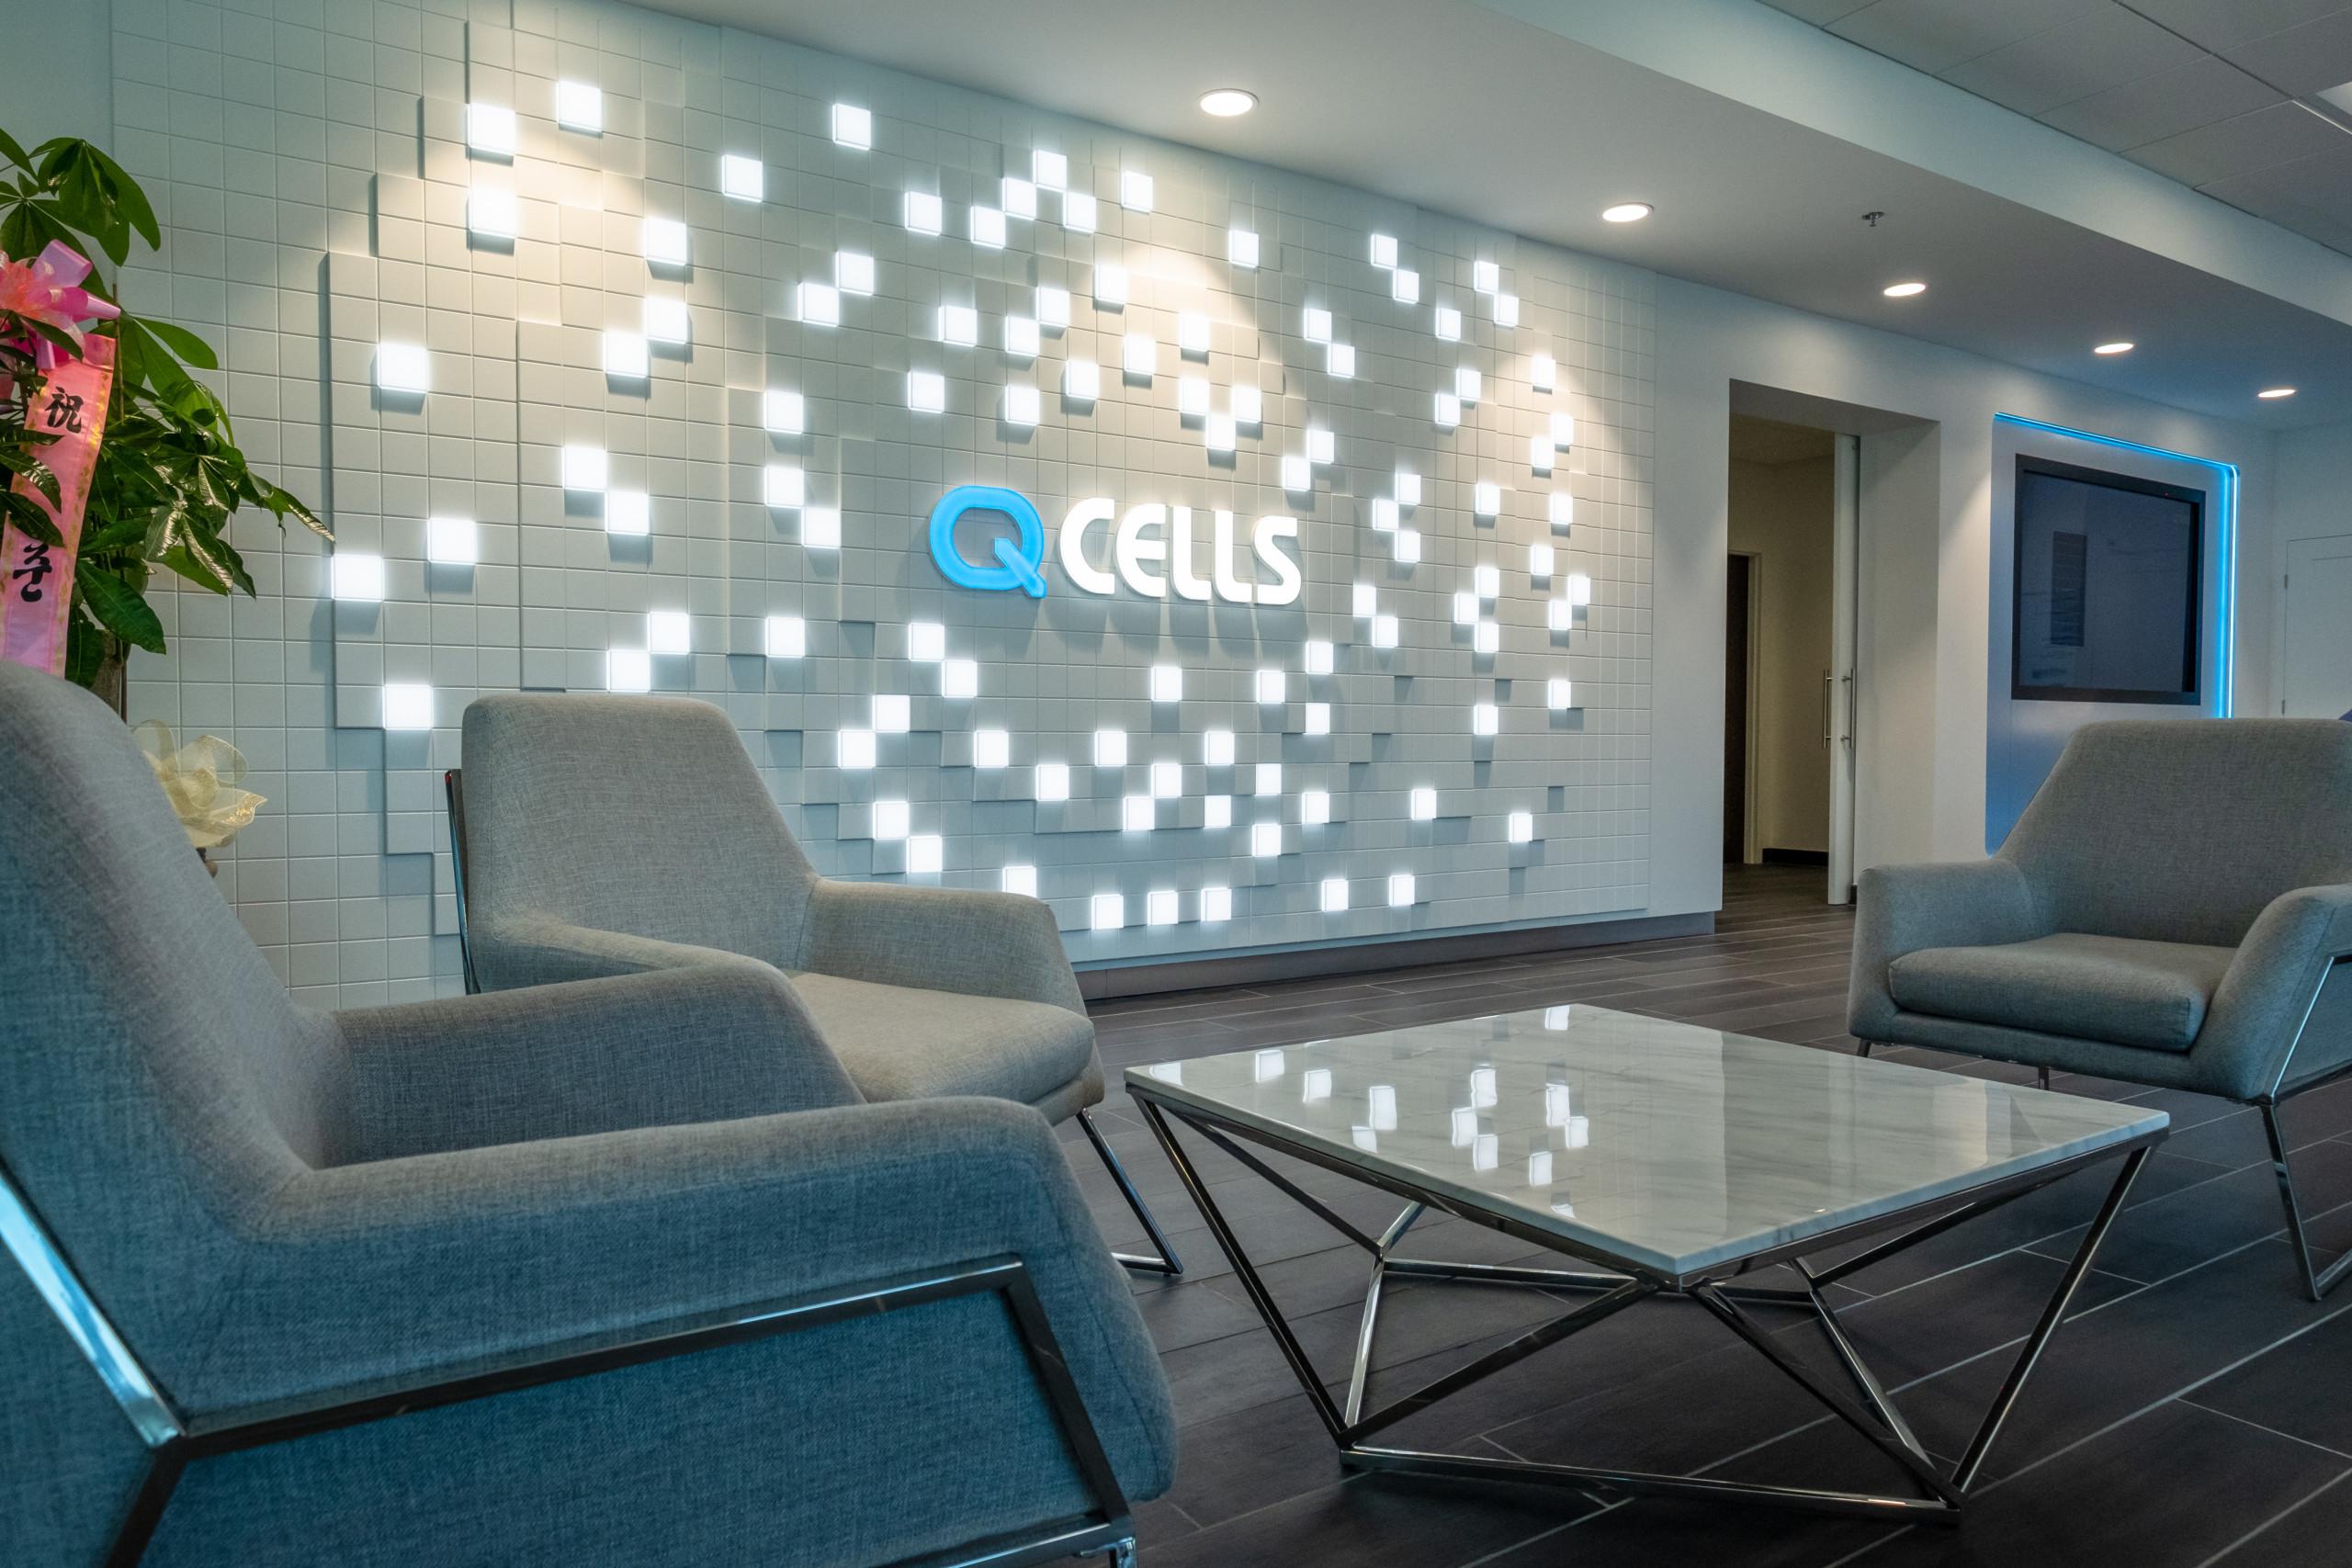 Q CELLS Georgia Manufacturing